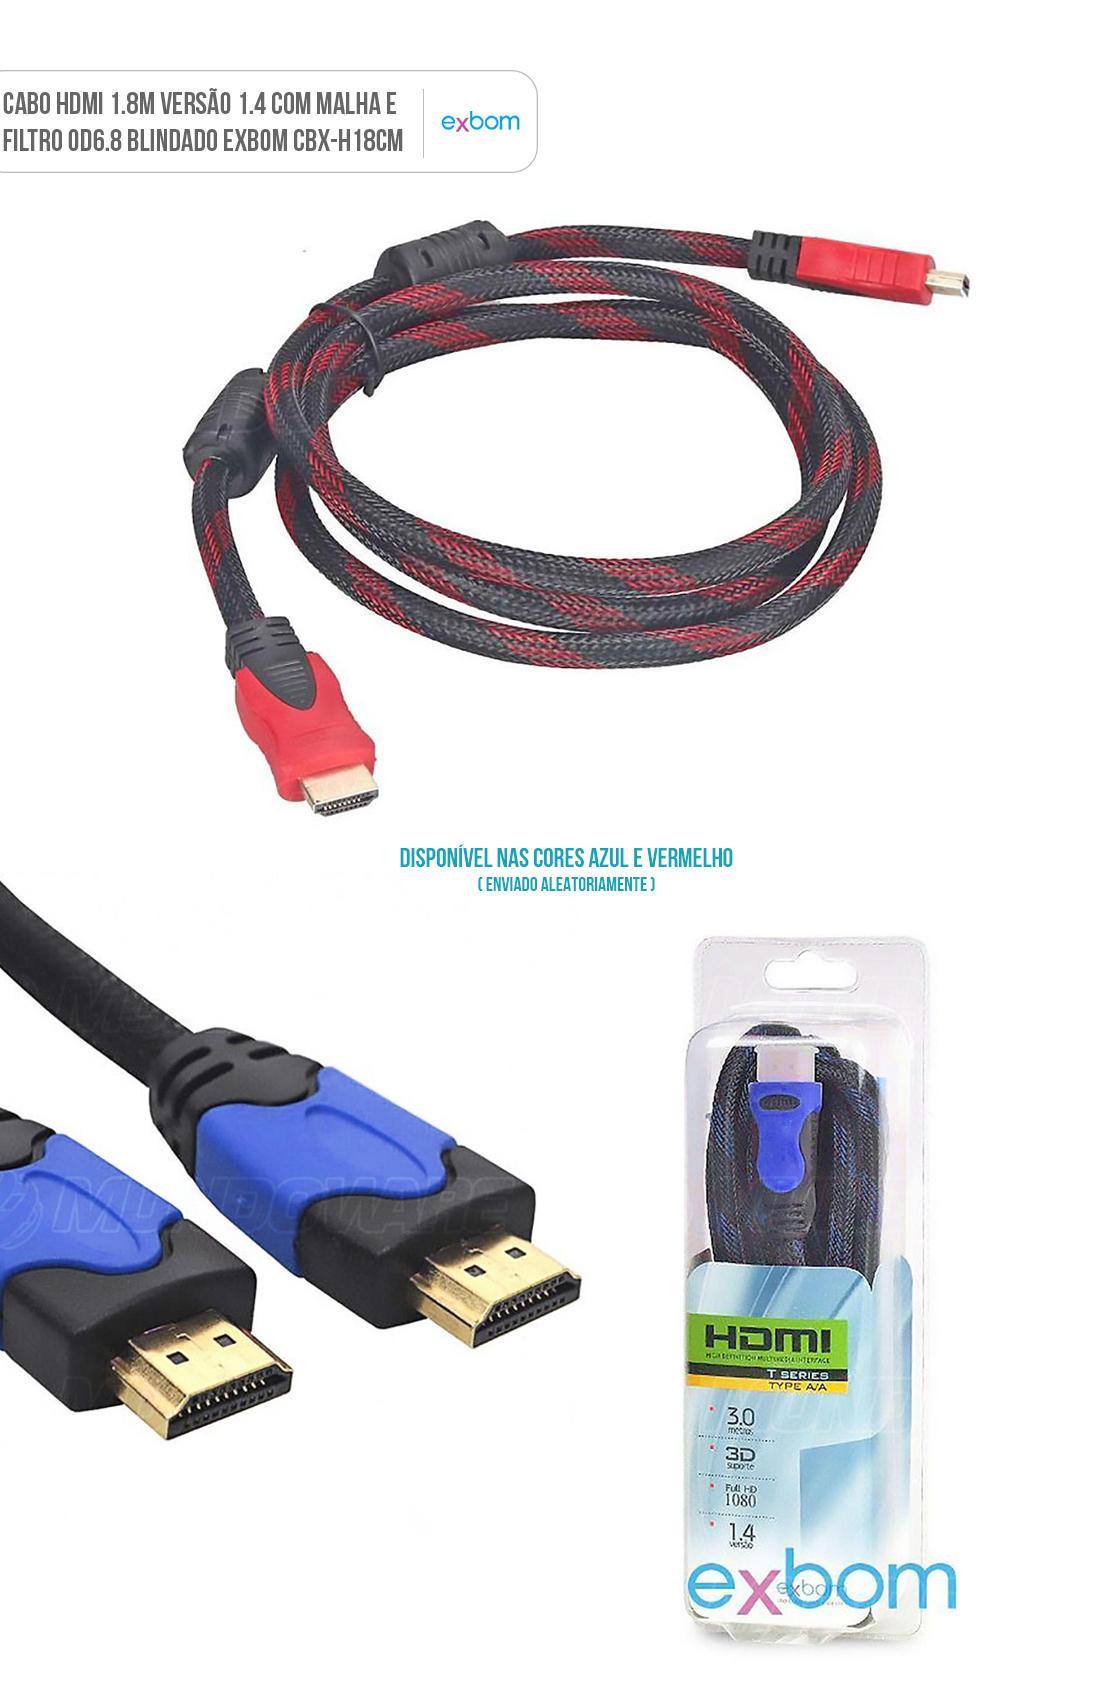 Cabo HDMI com Malha e Filtro Blindado